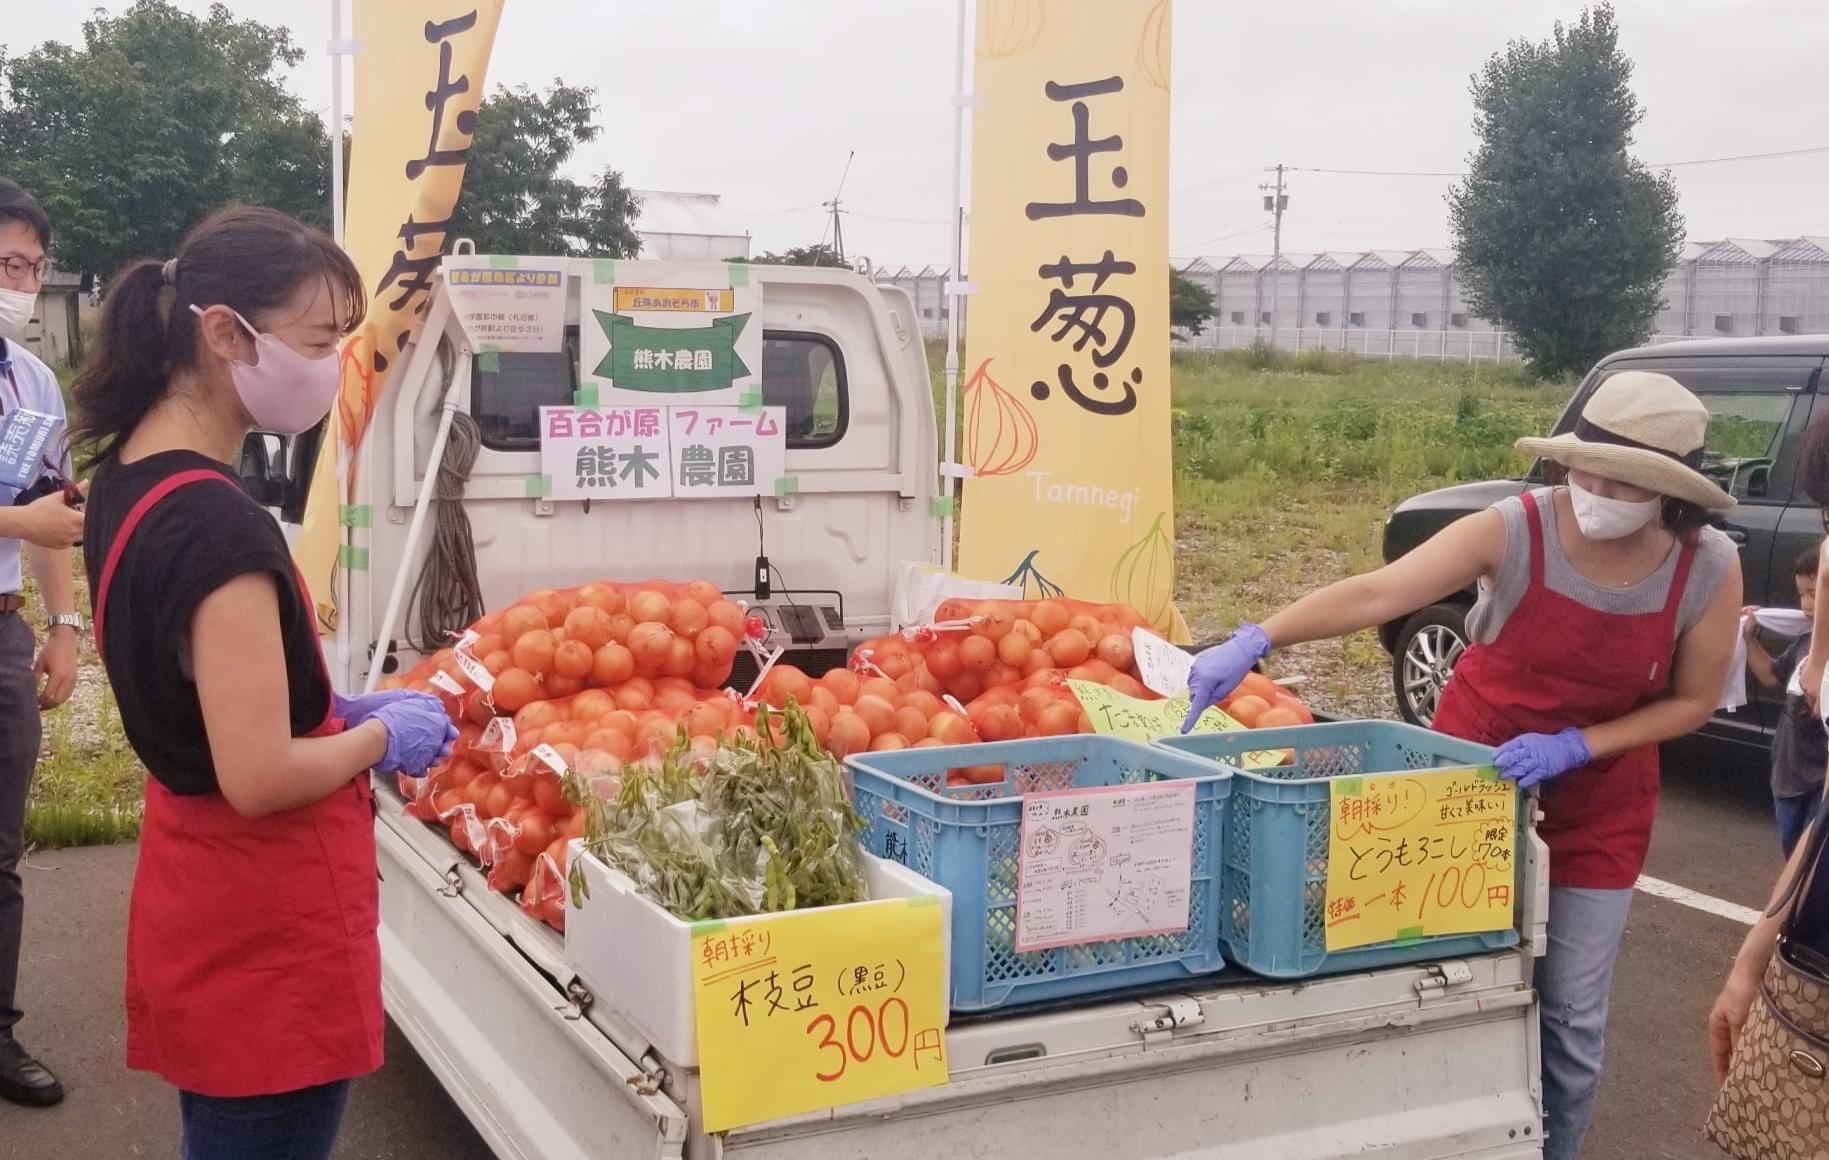 この写真は昨年のものですが、「丘珠あおぞら市」にも、タマネギシーズンになると、タマネギ農家さんが出店します。大きな袋で買っていく人も結構いるんですよ